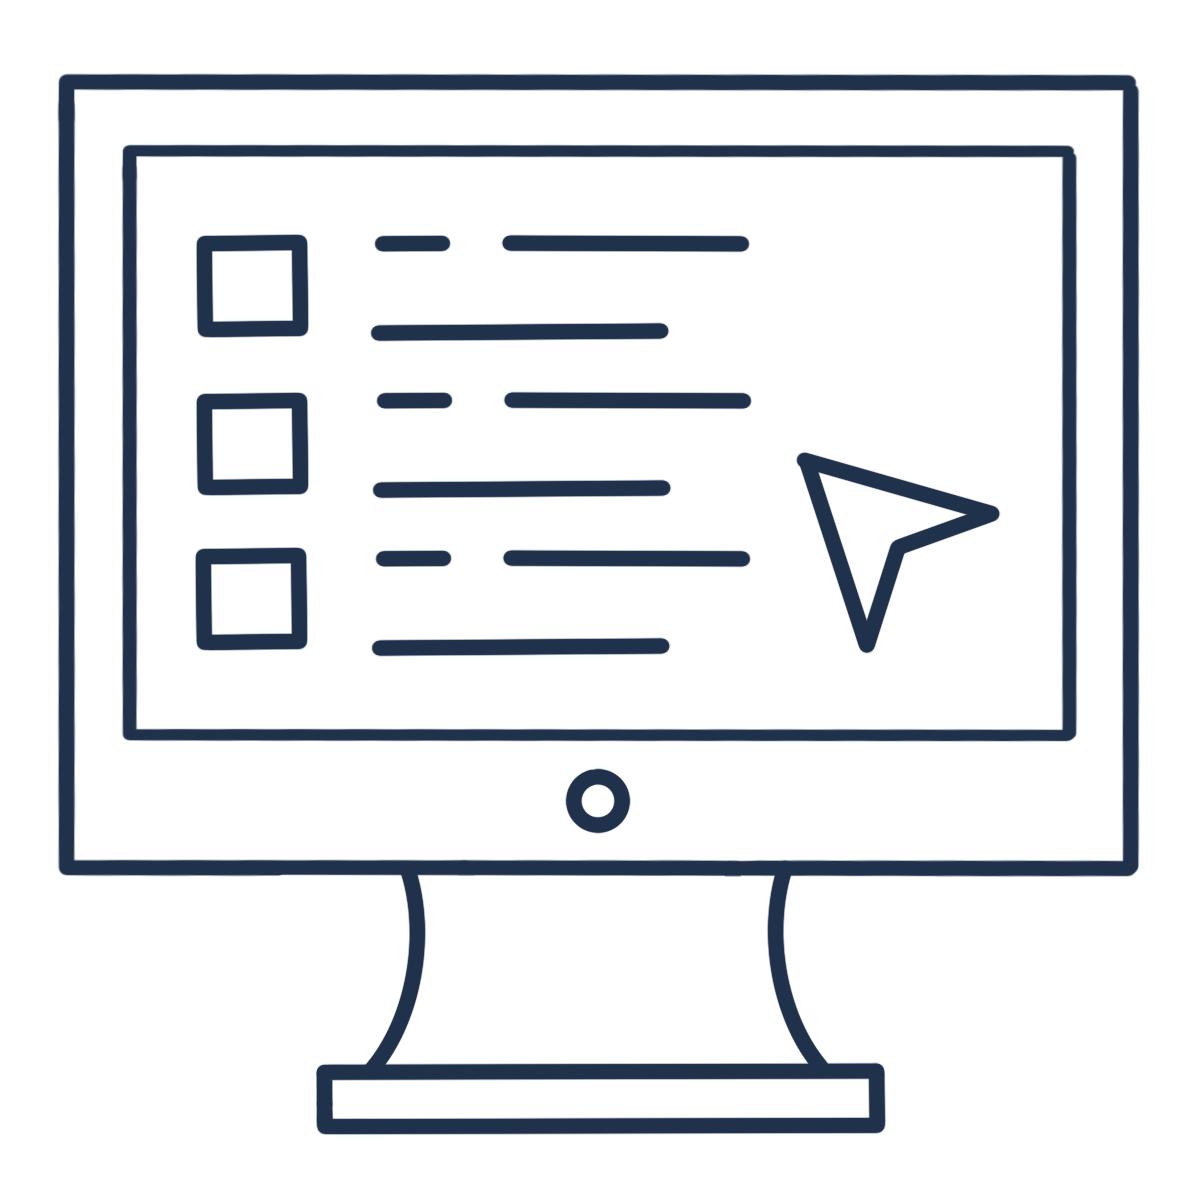 Une plateforme conviviale et lefunpour accéder facilement à tous les outils, coachings et ateliers en rediffusion